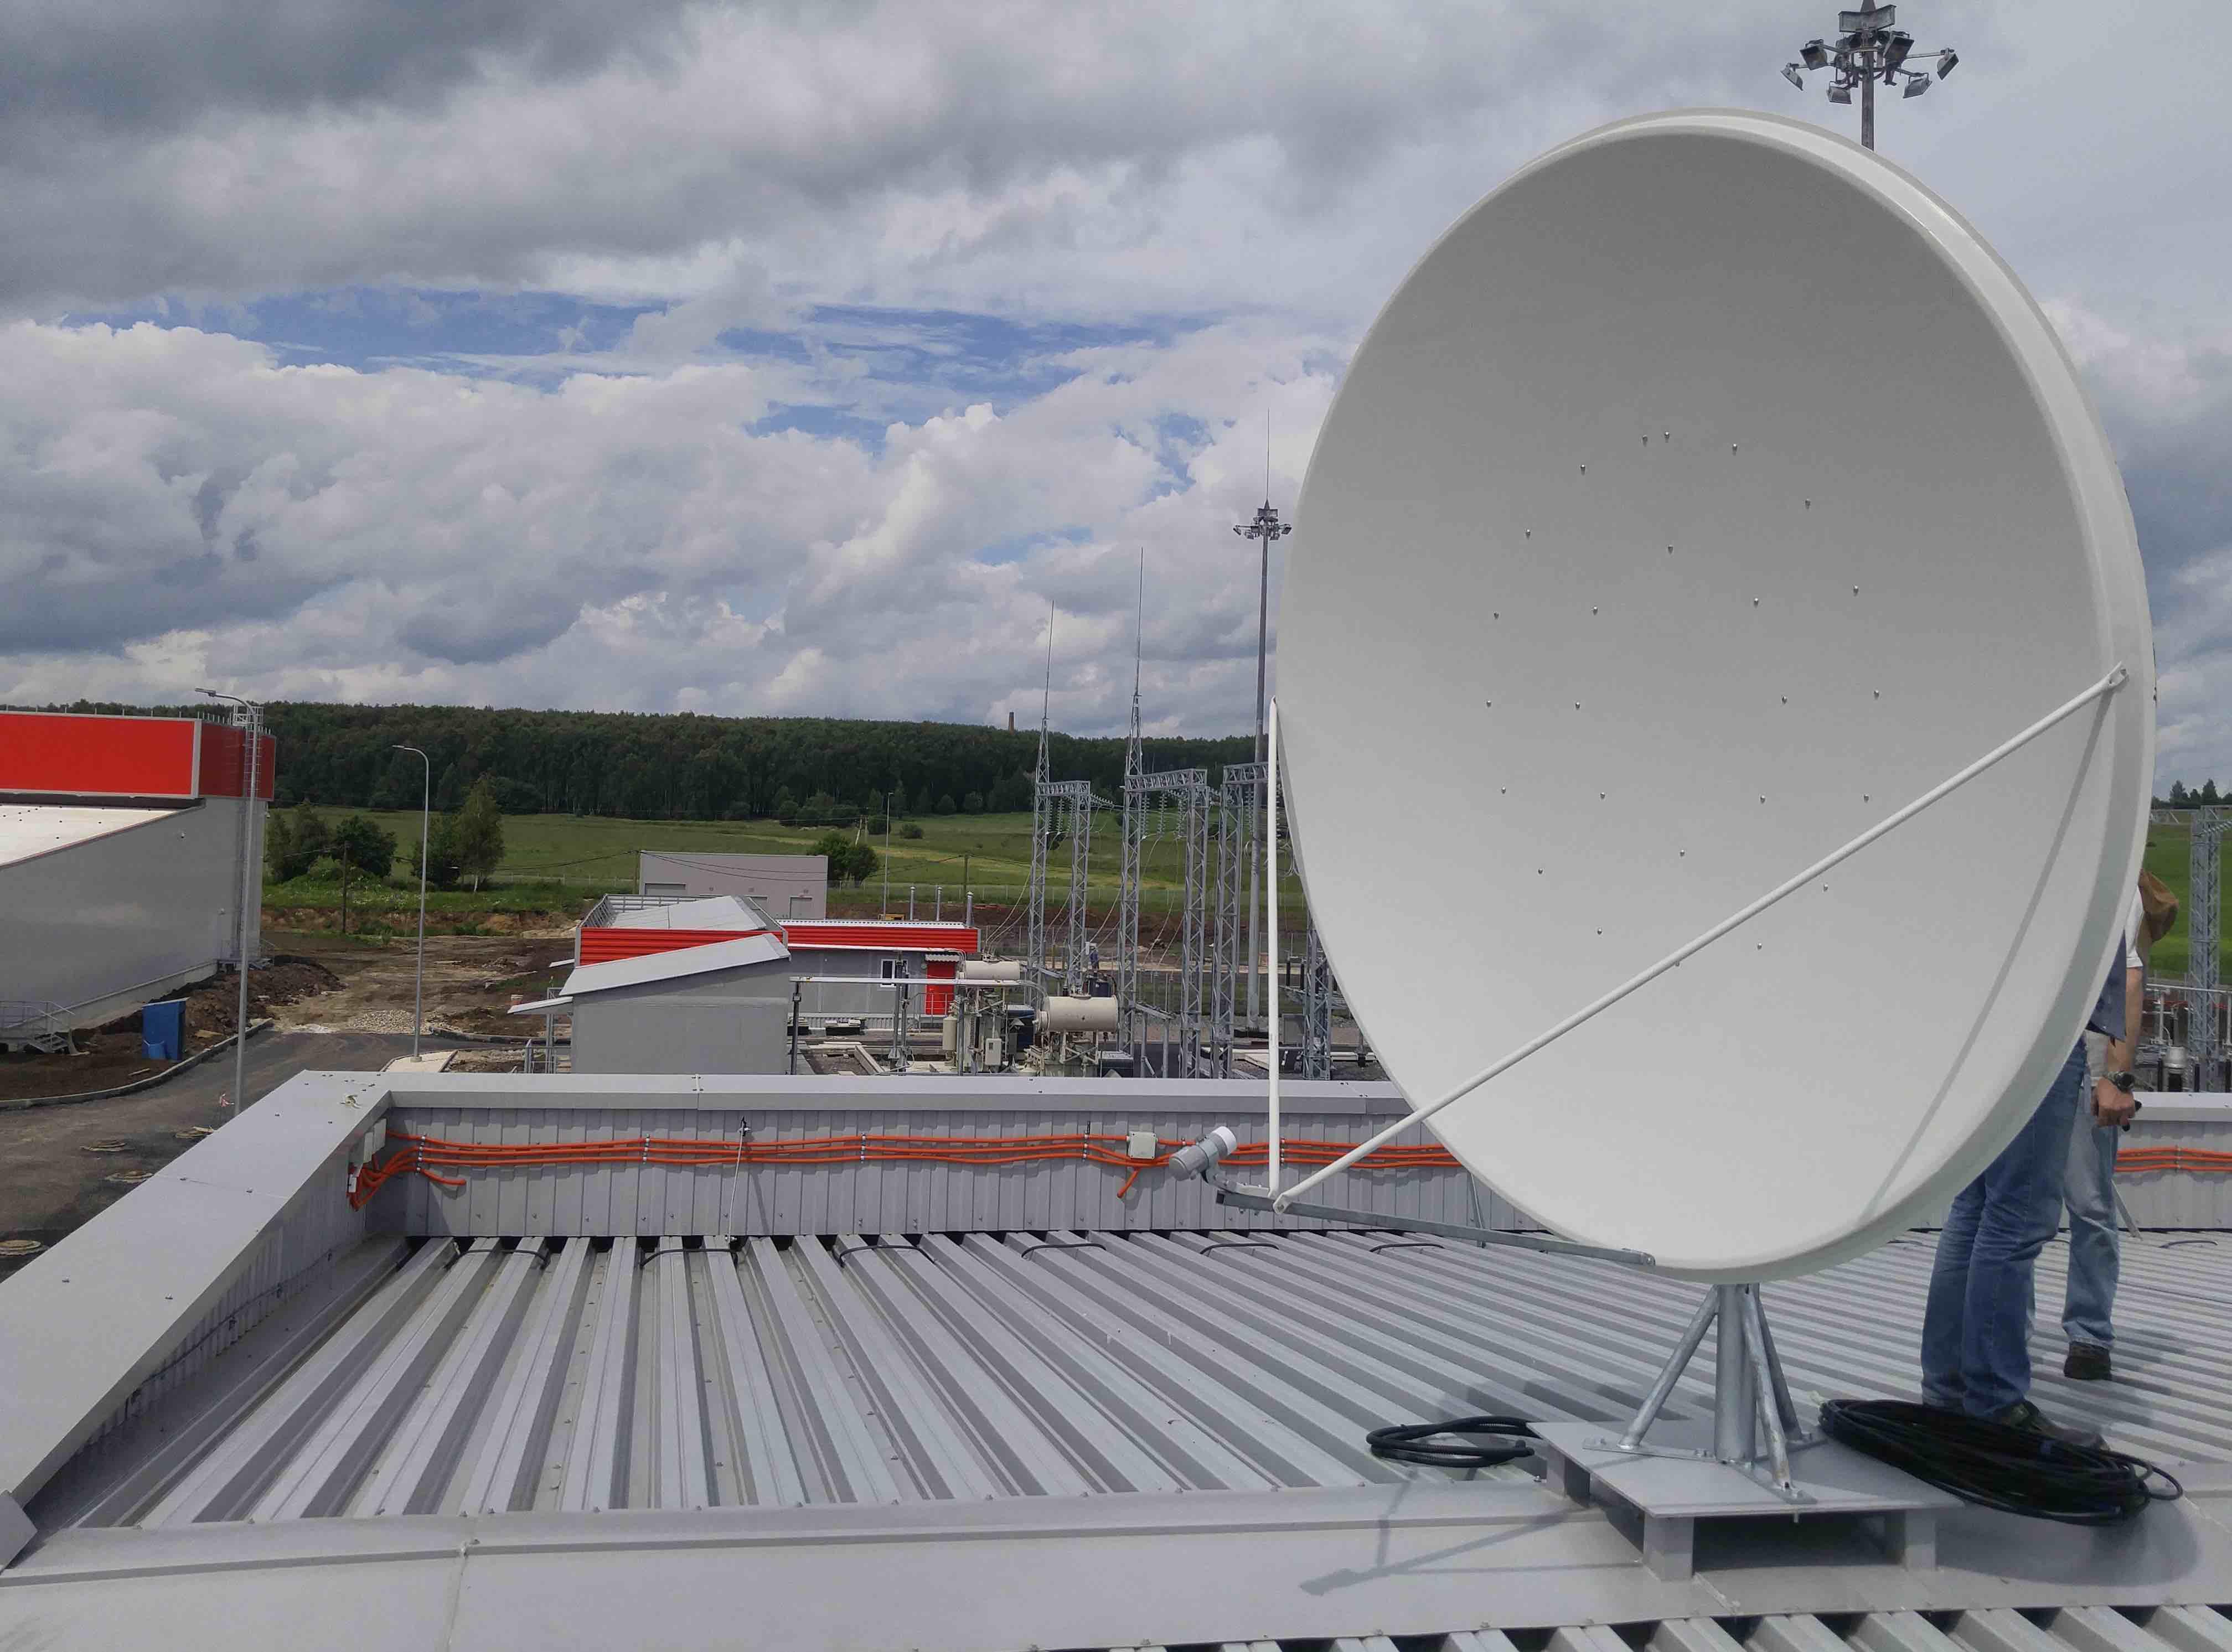 Как Яндекс создал глобальный прогноз осадков с использованием радаров и спутников - 5